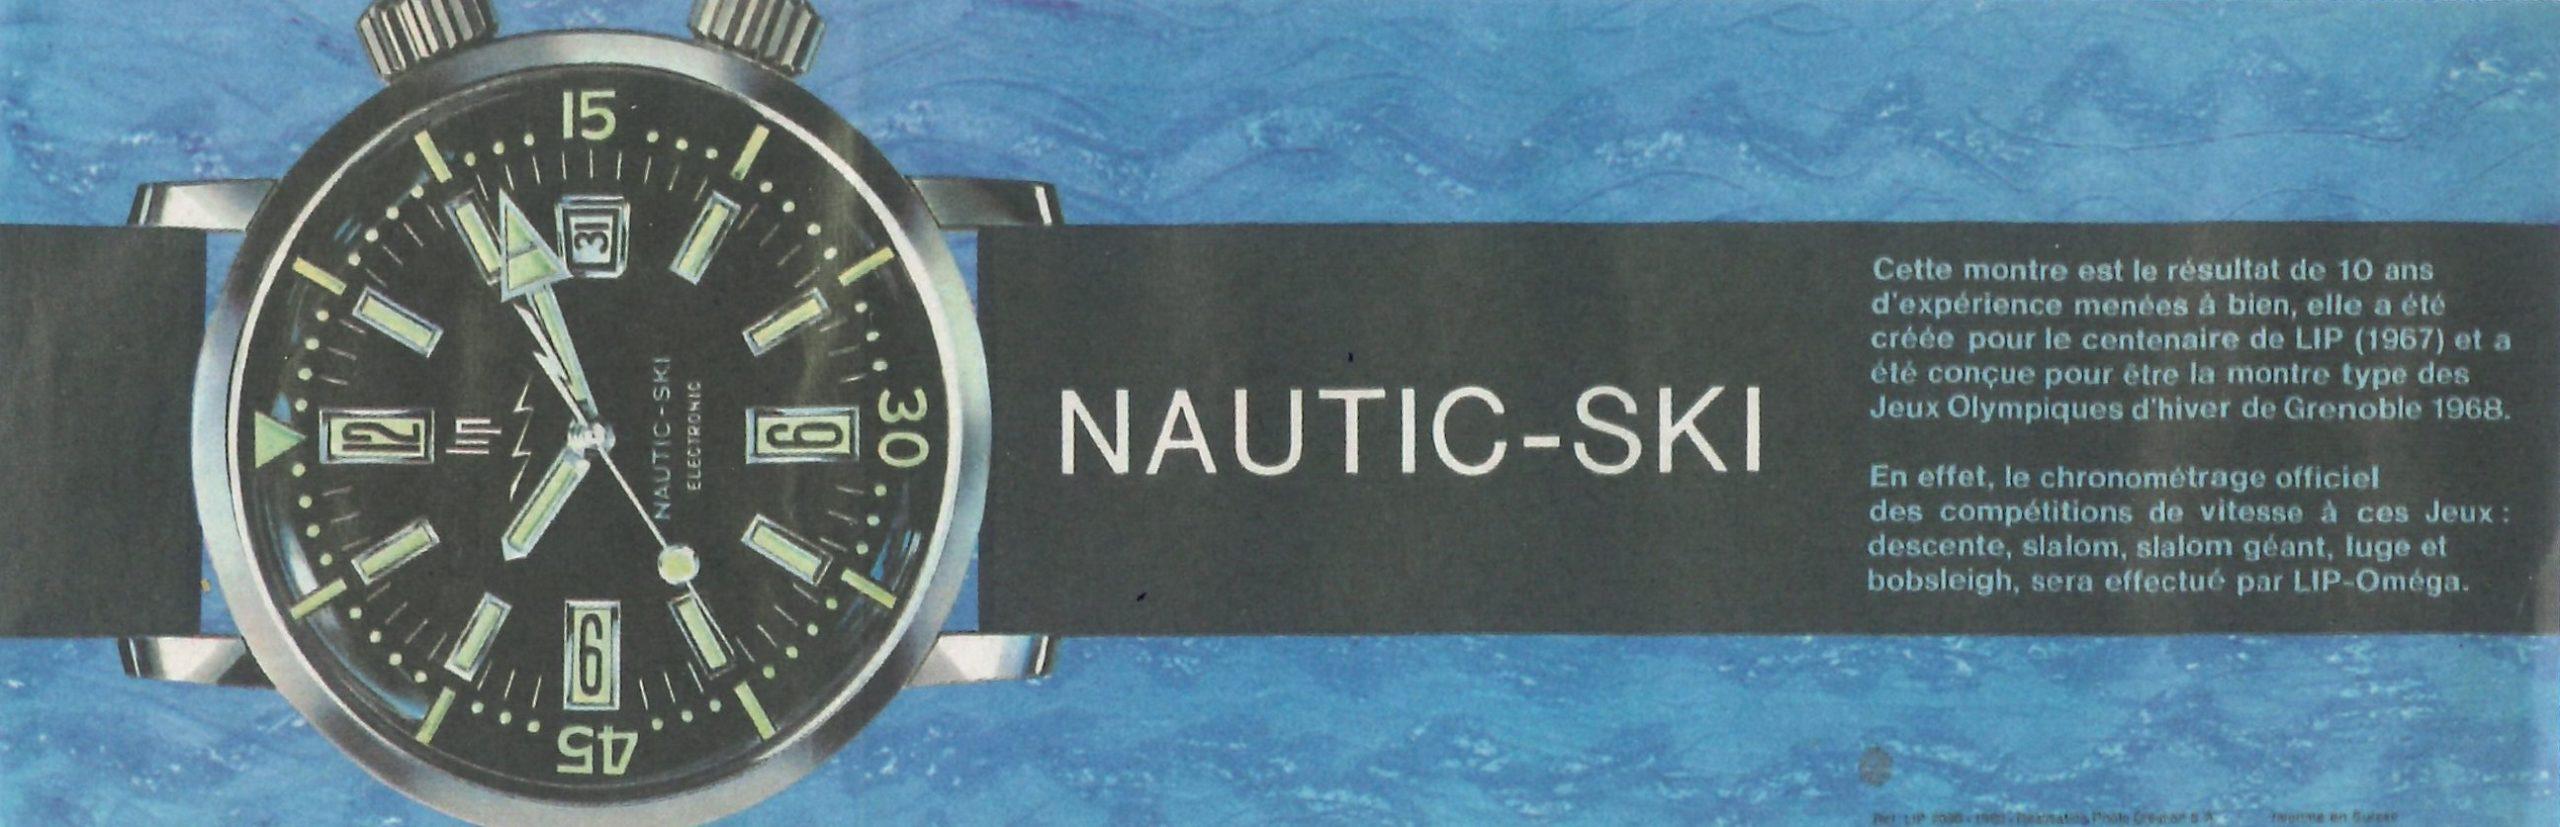 Dépliant publicitaire pub montre sur la Lip Nautic-Ski Electronic 1967 @Musée du Temps